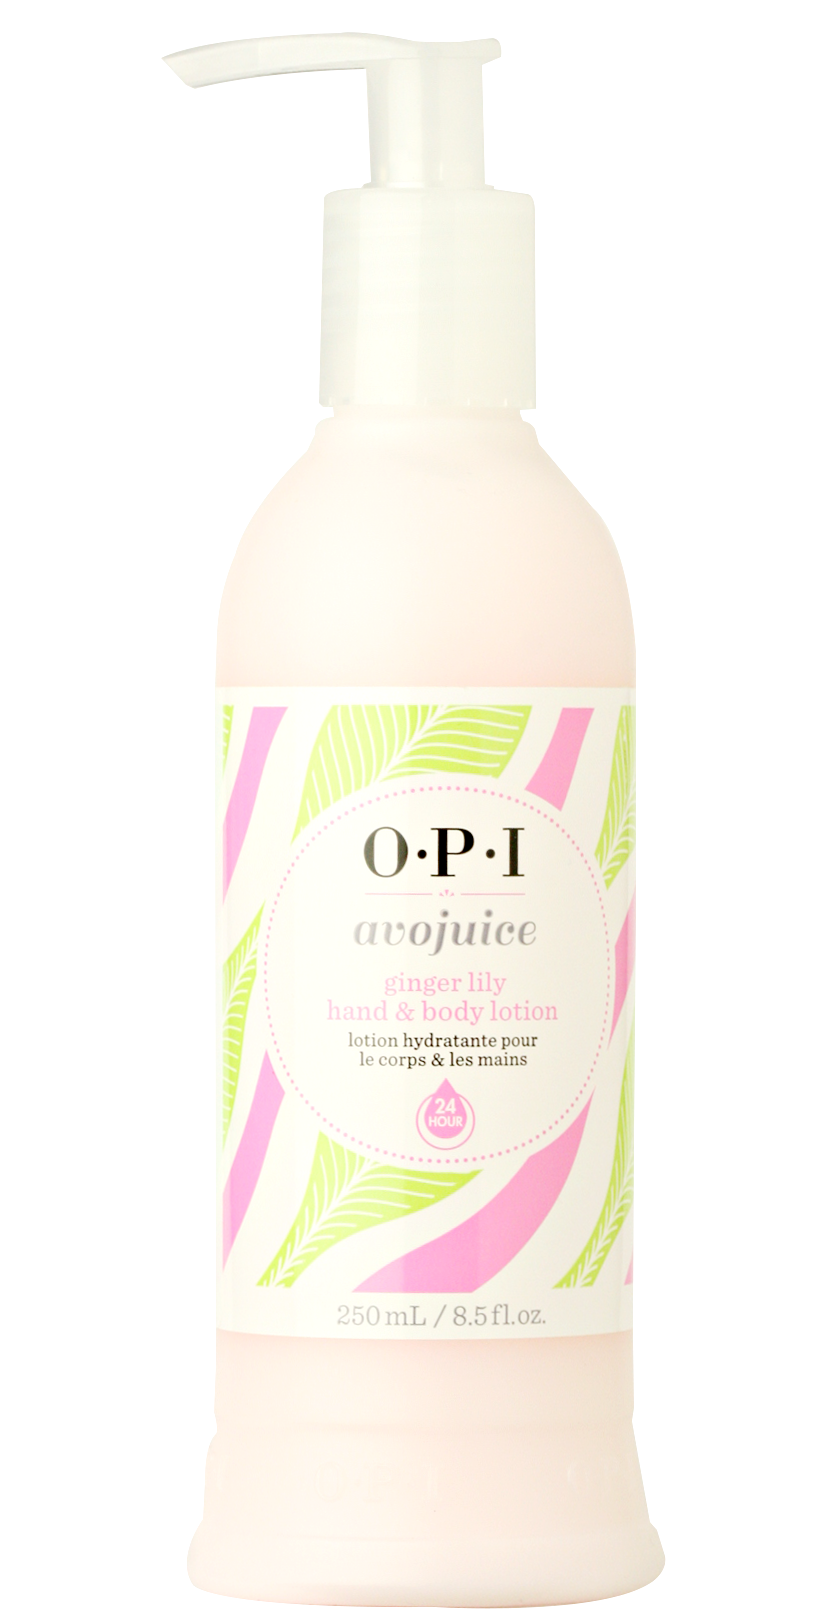 【レターパックのみ送料無料】OPI(オーピーアイ) アボジュース ハンド&ボディローション ジンジャーリリー250ml